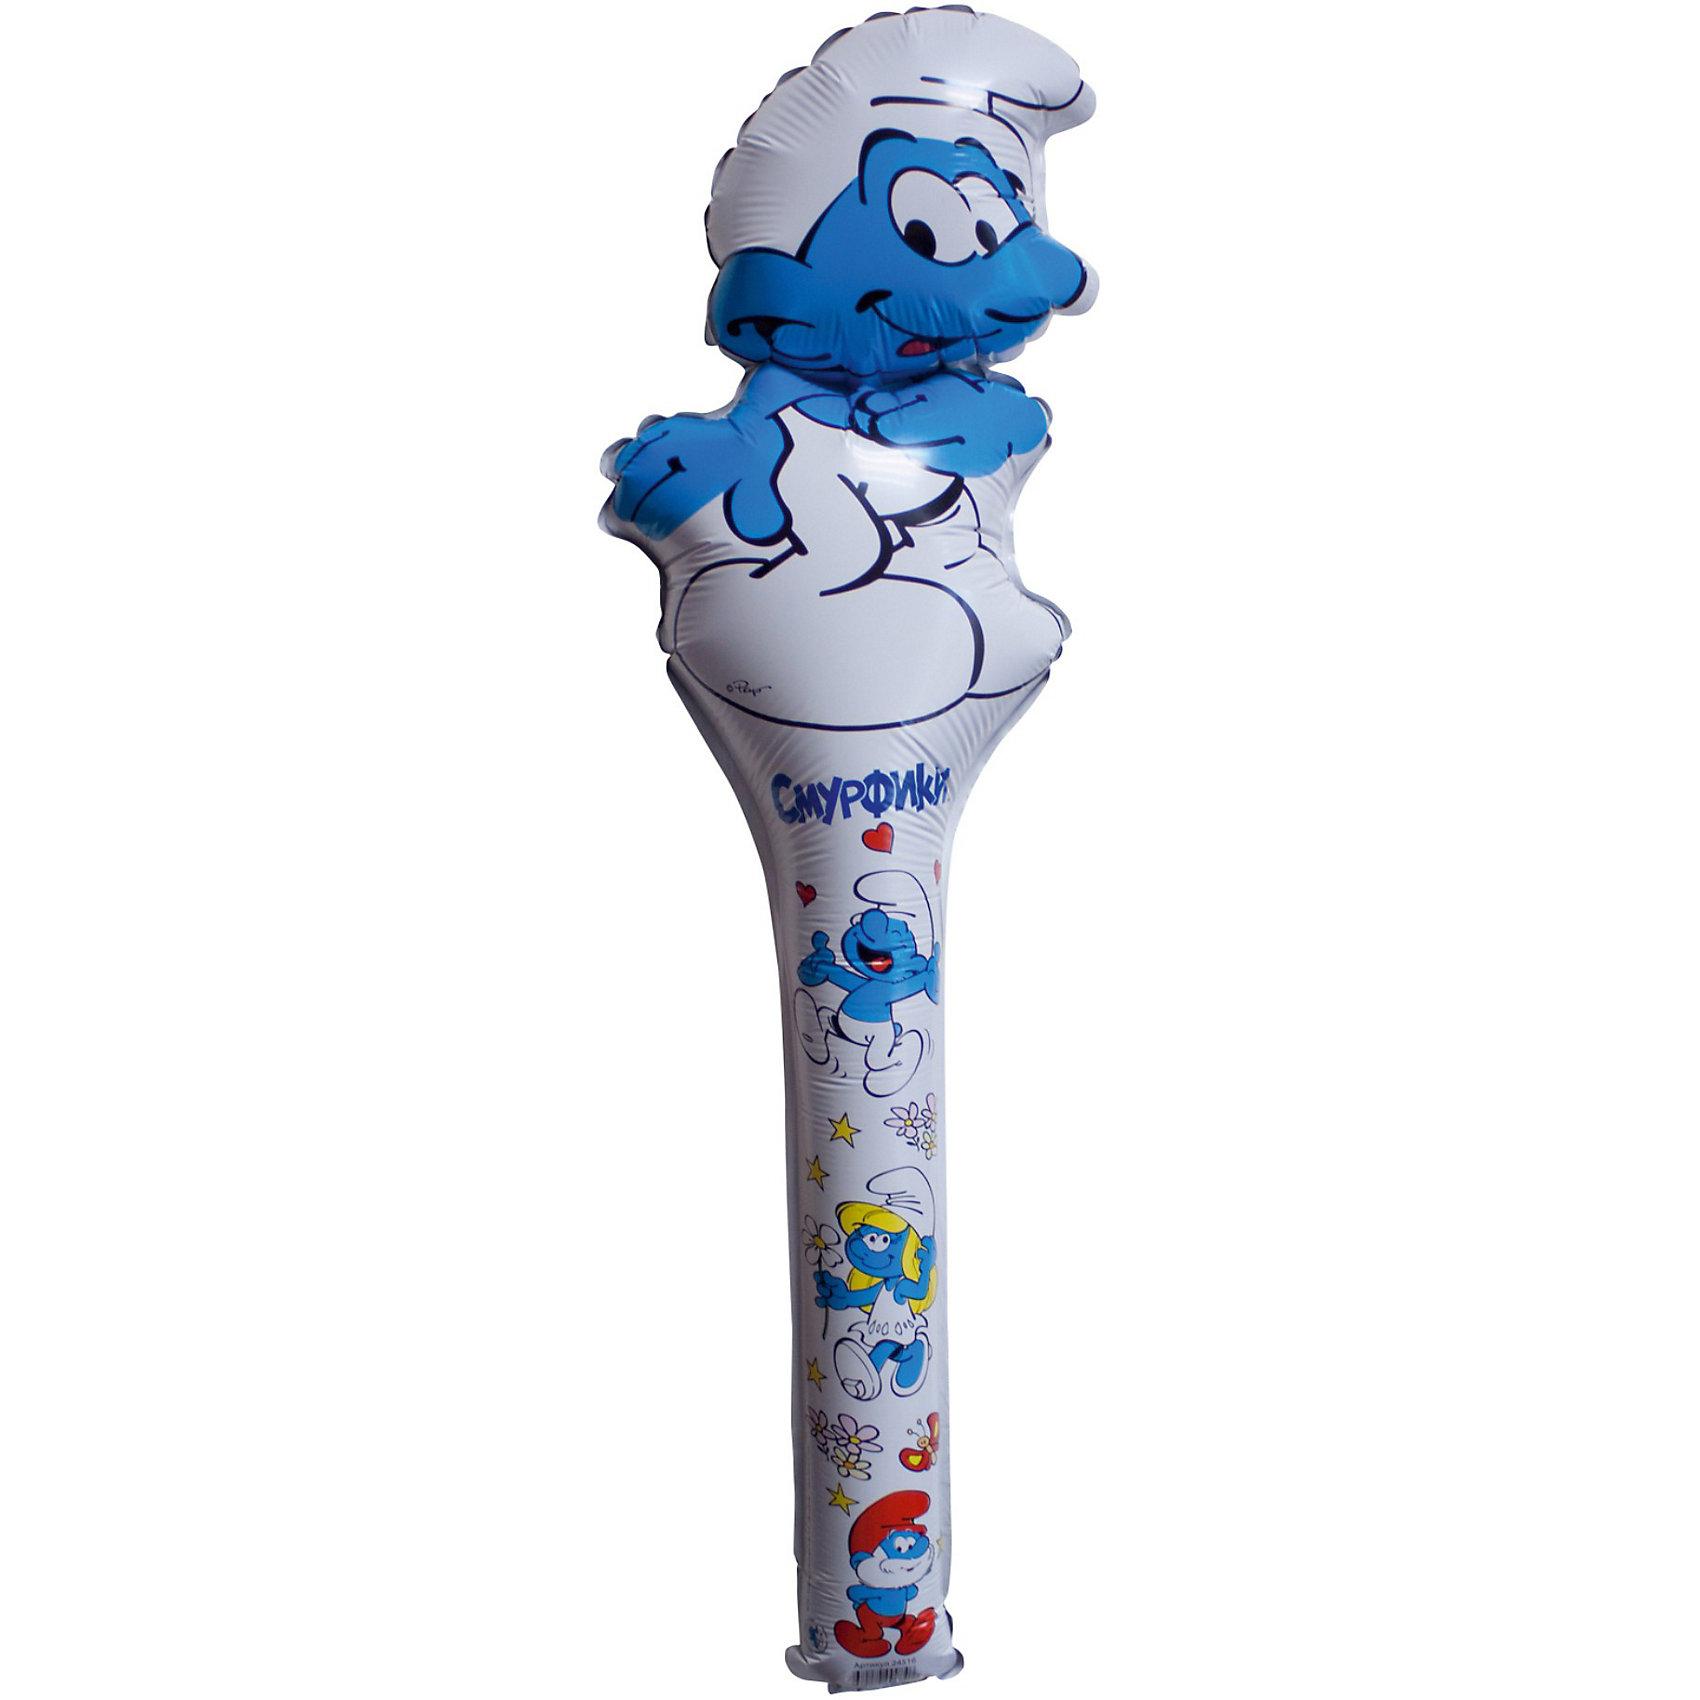 Шар фигурный Смурф, СмурфикиШар фигурный Смурф,Смурфики замечательно украсит любой детский праздник и станет прекрасной игрушкой для малыша. Красочный фольгированный шар выполнен в виде фигурки забавного Смурфа, персонажа популярного мультсериала Смурфики. Игрушка изготовлена из миларовой пленки, гелий для надувания не требуется, поставляется не надутой.<br><br>Дополнительная информация:<br><br>- Материал: миларовая пленка.<br>- Размер шара: 66 см.<br>- Вес: 12 гр.<br><br>Шар фигурный Смурф,Смурфики, можно купить в нашем интернет-магазине.<br><br>Ширина мм: 190<br>Глубина мм: 1<br>Высота мм: 660<br>Вес г: 12<br>Возраст от месяцев: 36<br>Возраст до месяцев: 96<br>Пол: Унисекс<br>Возраст: Детский<br>SKU: 3907728